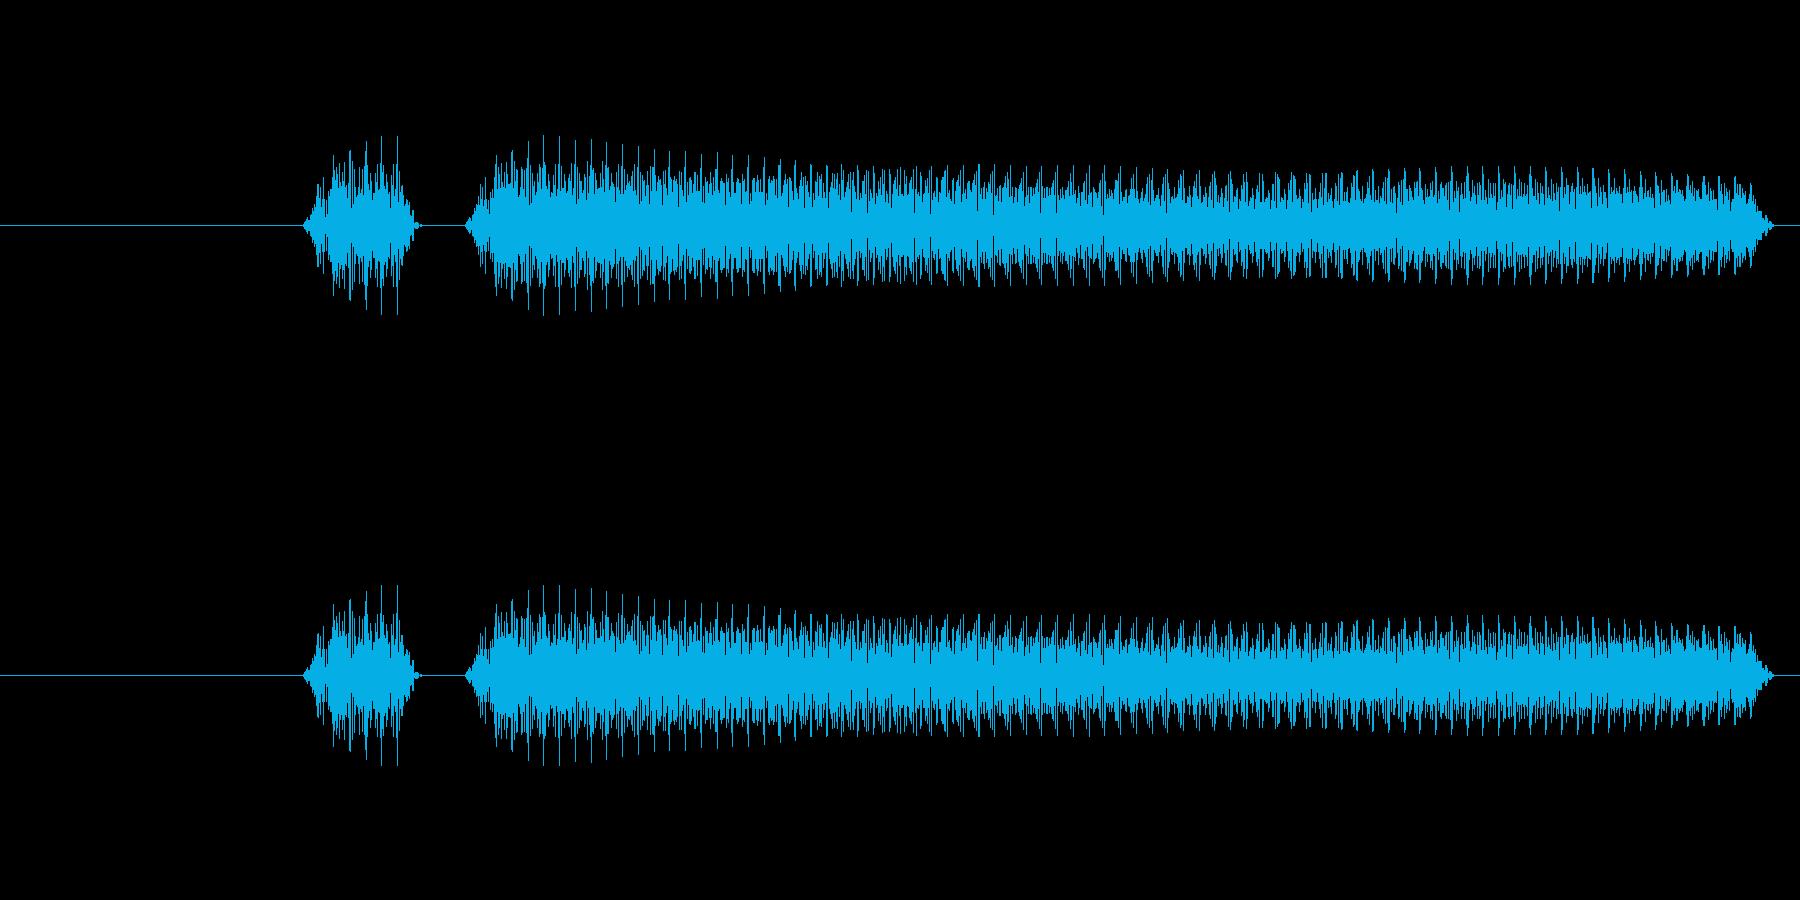 「ブブーッ」という不正解の効果音です。の再生済みの波形